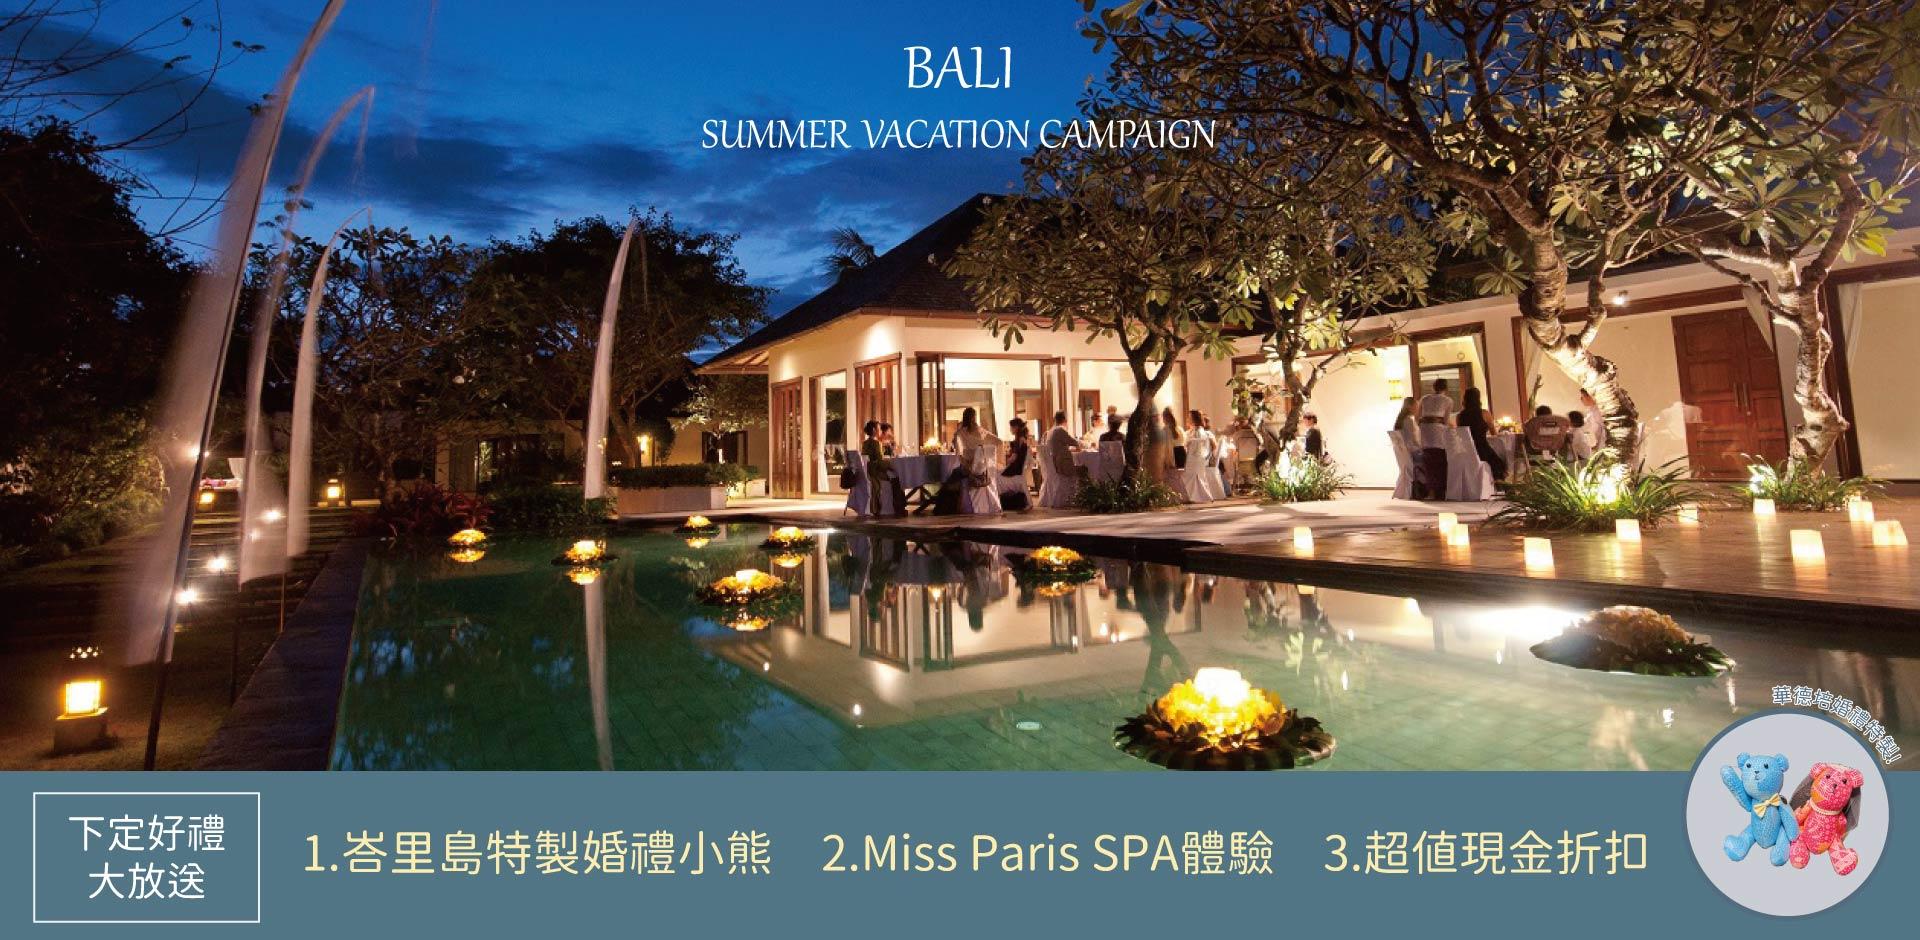 Bali summer vacation campaign !